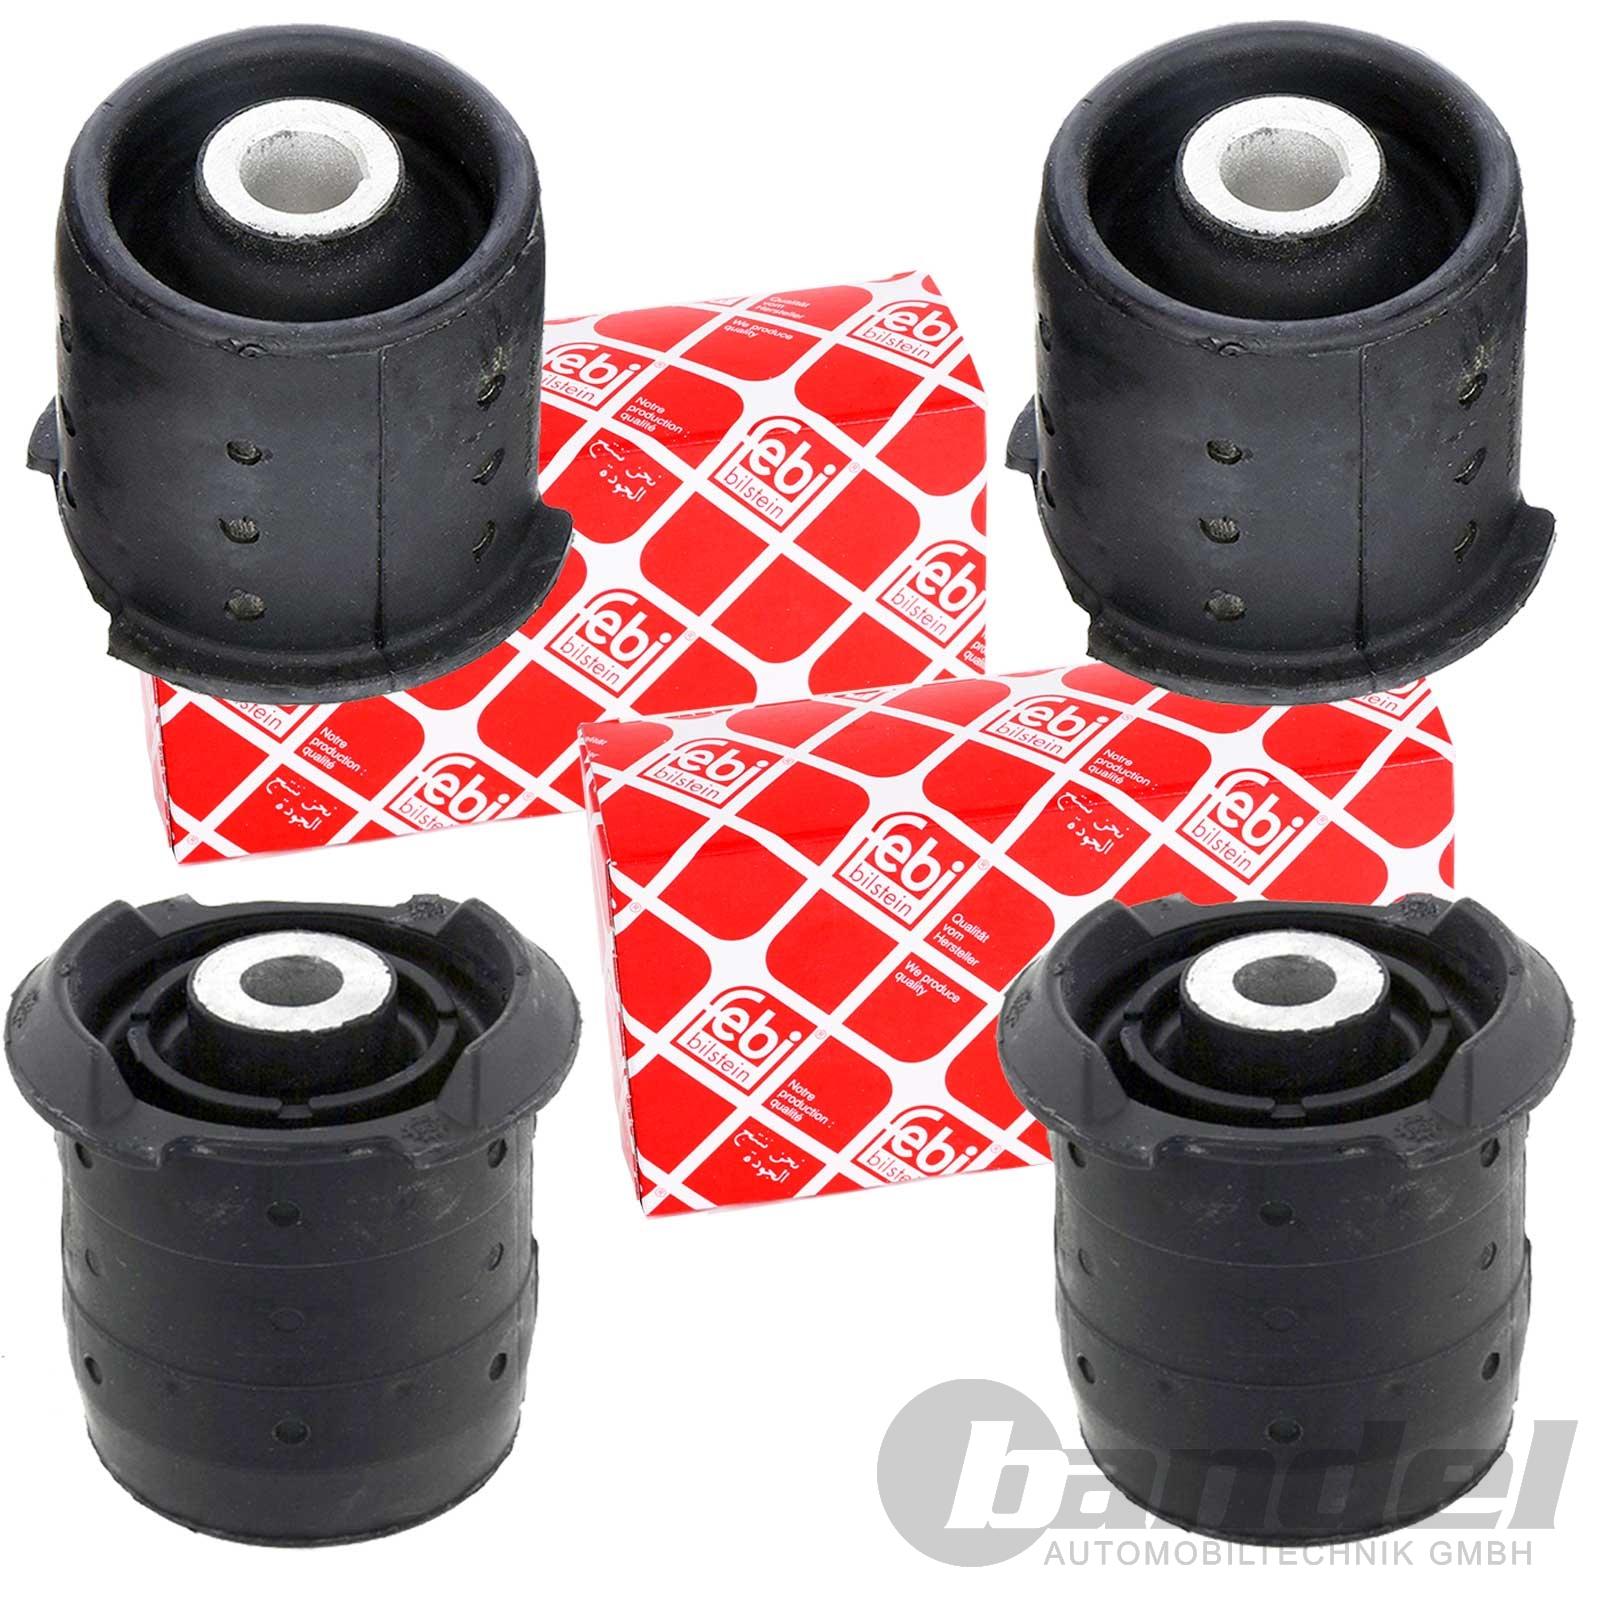 4x Bremsschlauch Bremsschläuche vorne hinten links rechts Set Satz Bmw E30